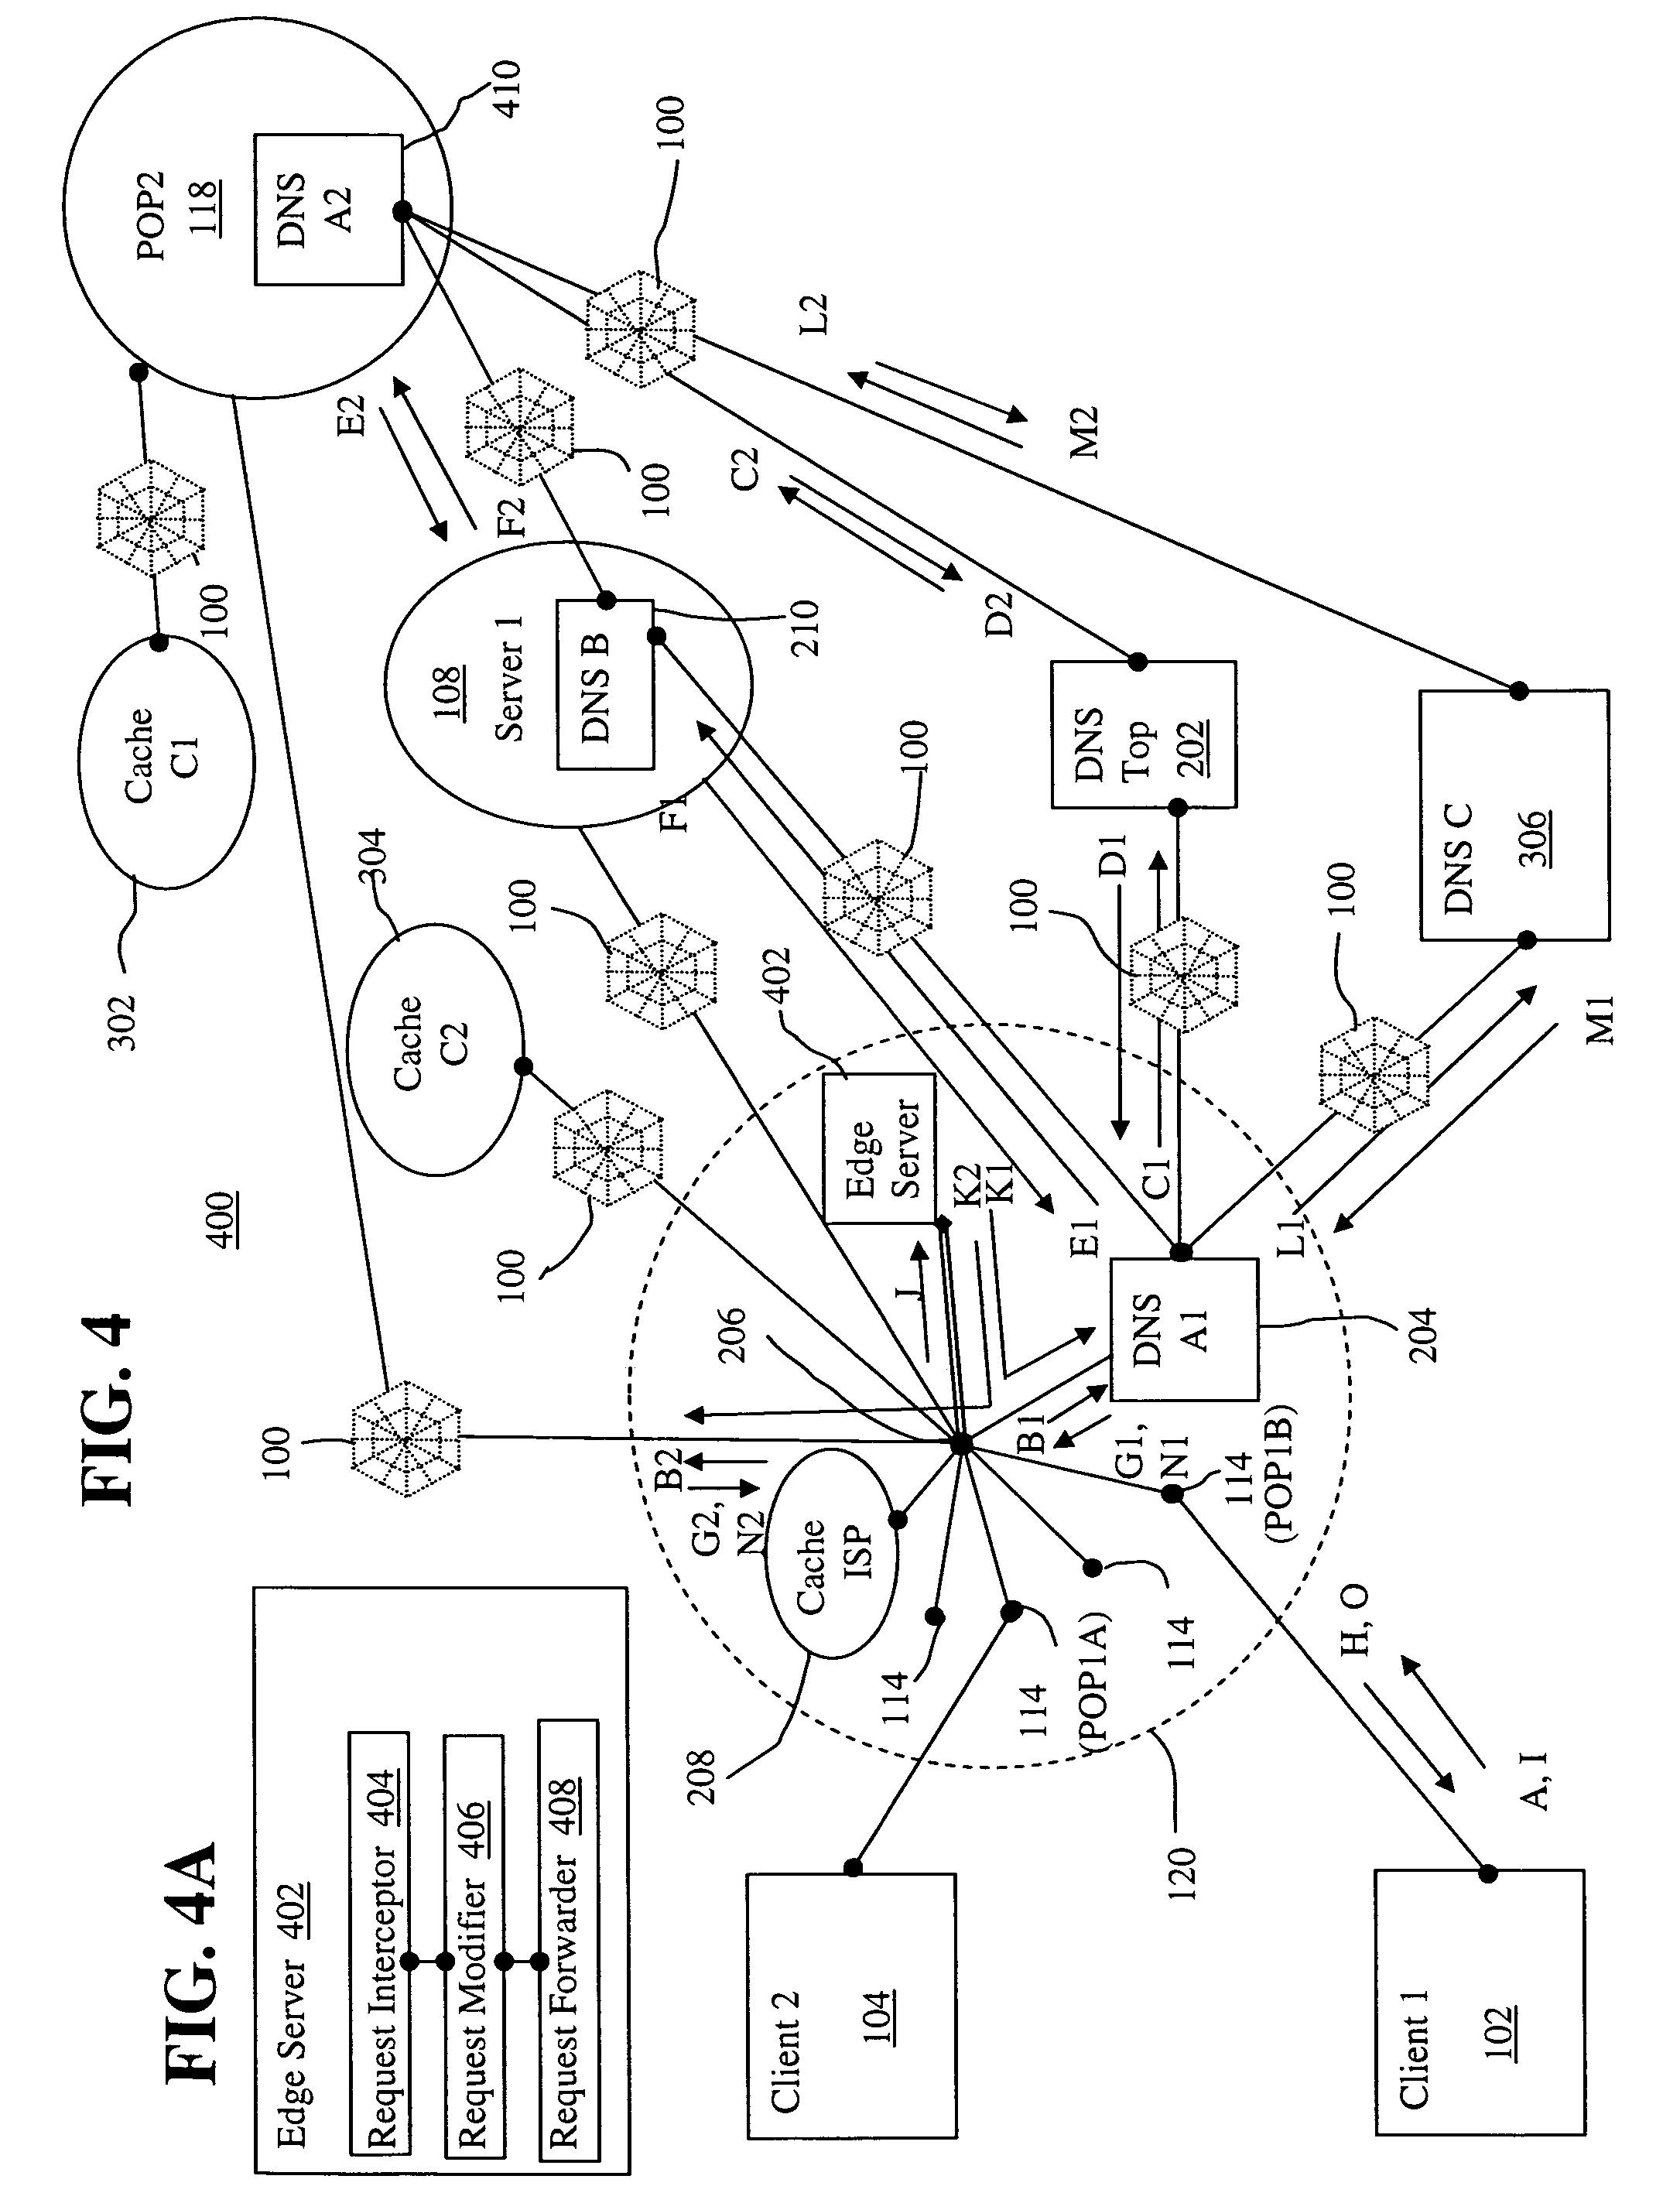 t1 rj45 wiring diagram database T1 Wiring Pinout t1 66 block wiring diagram wiring diagram database t1 rj45 pinout patent us 7 570 663